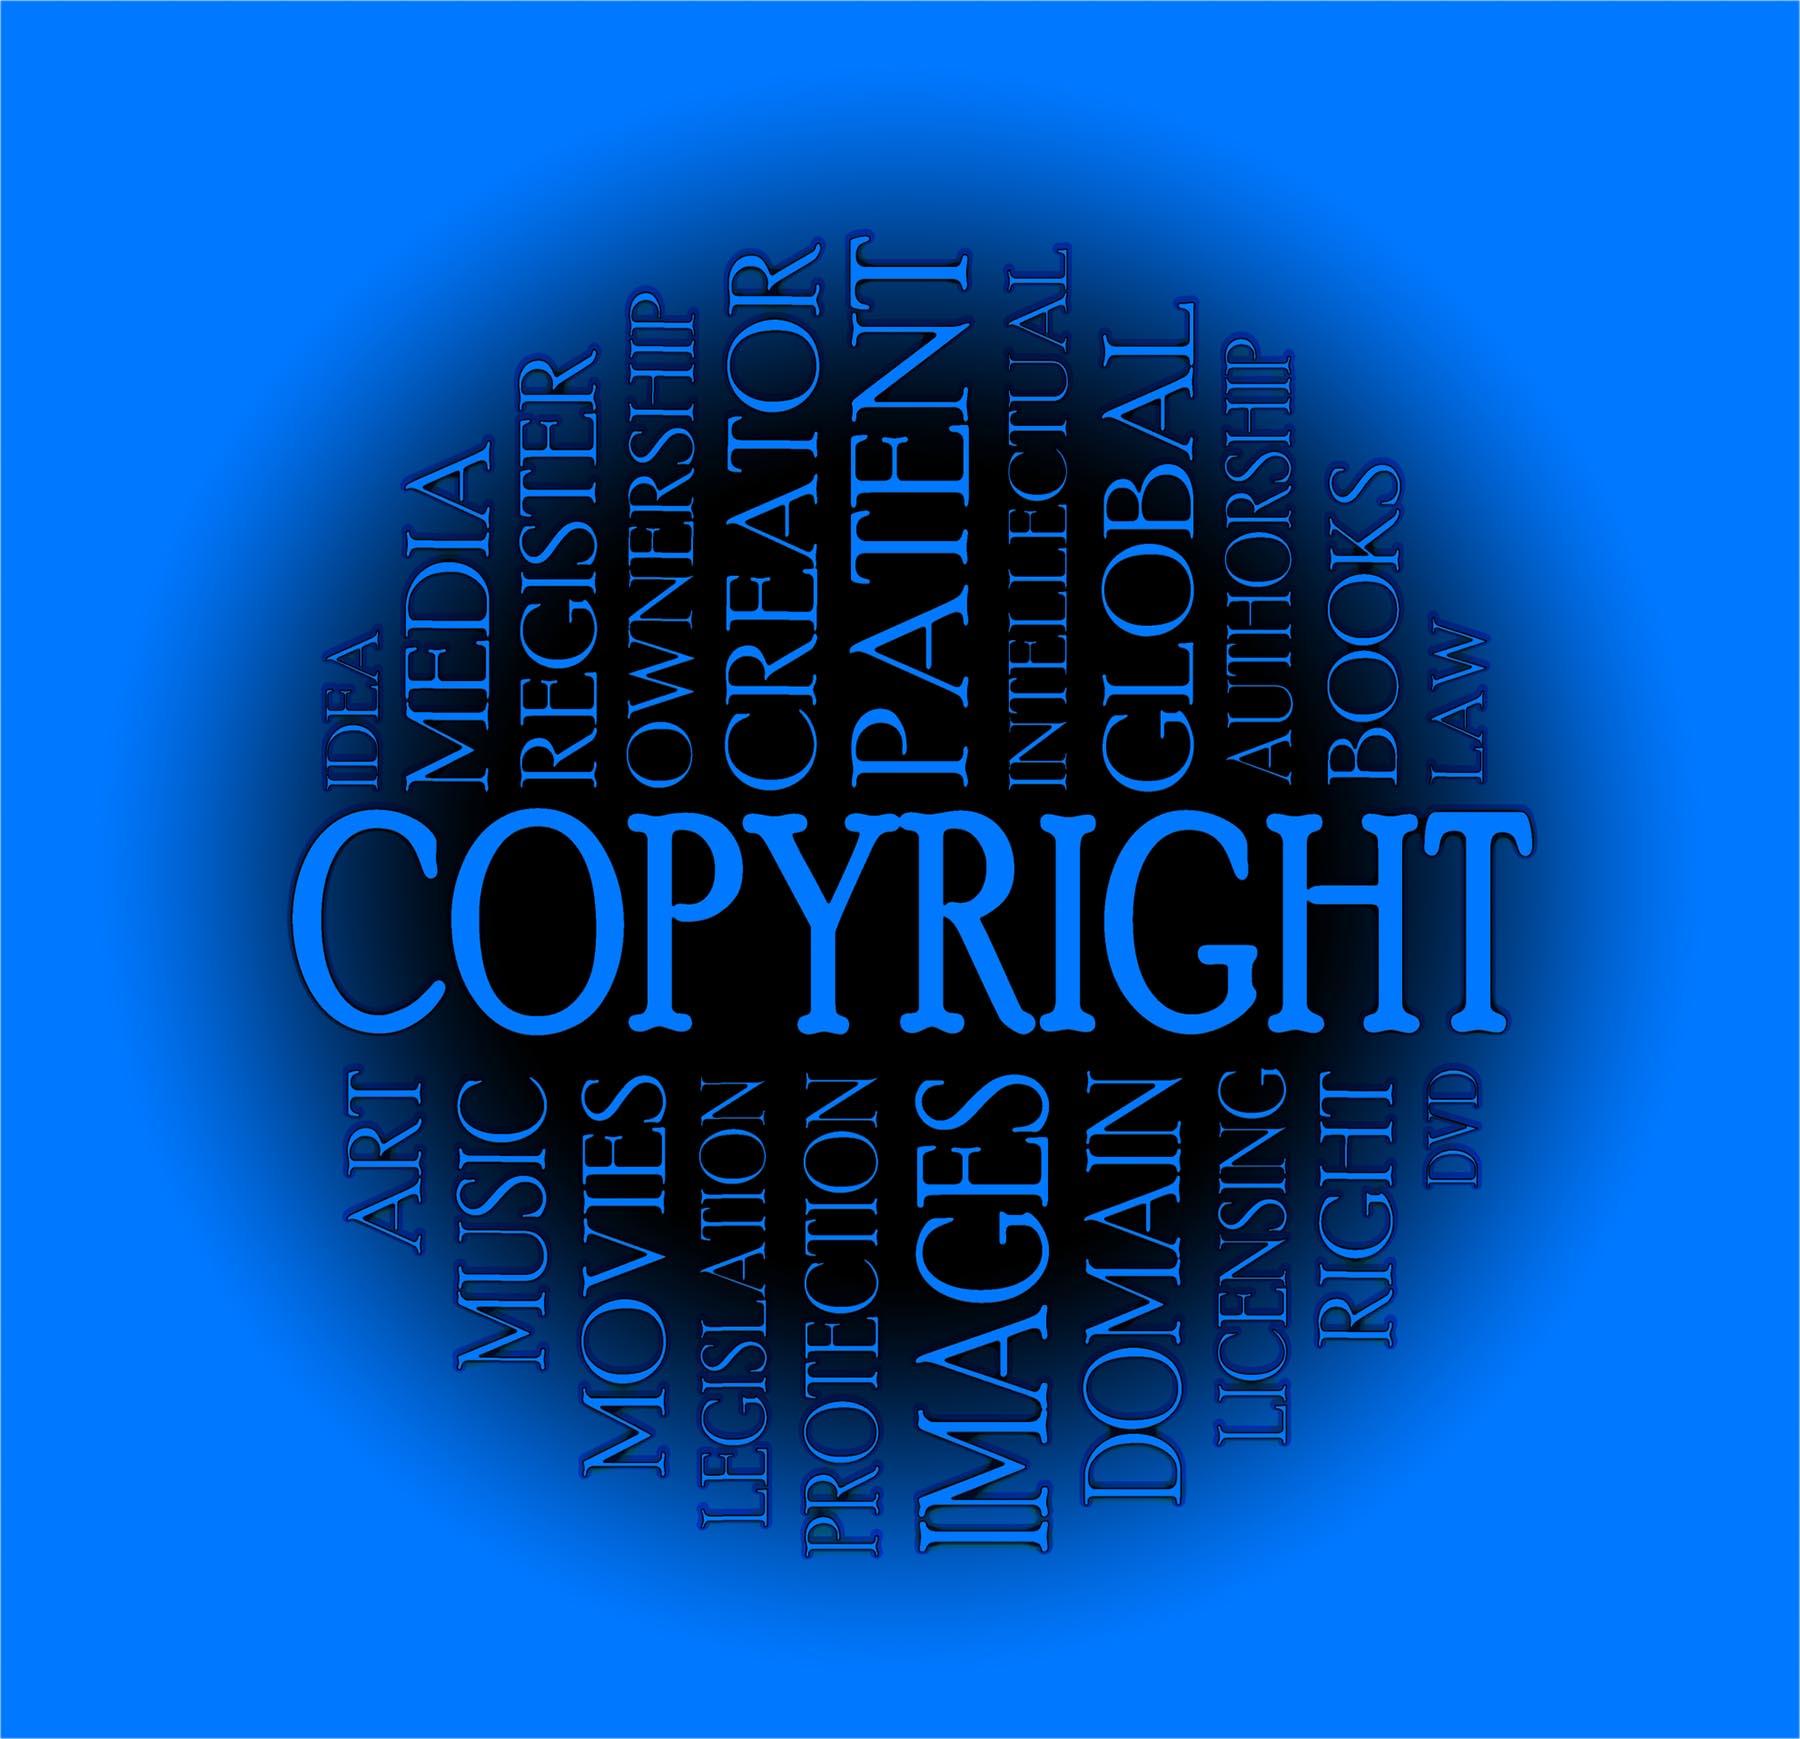 copyright publishing